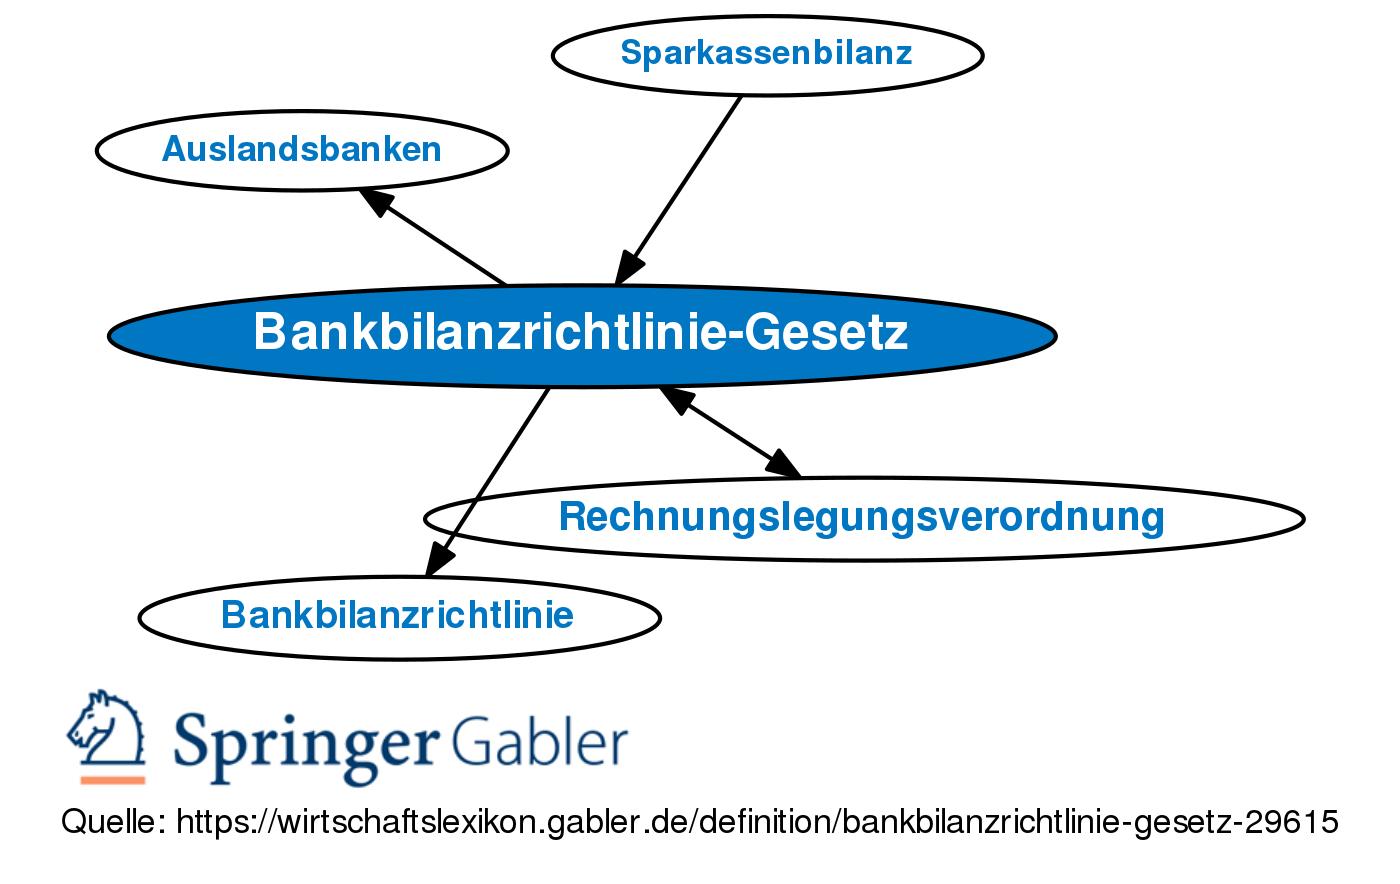 rechnungslegungsverordnung investment banker